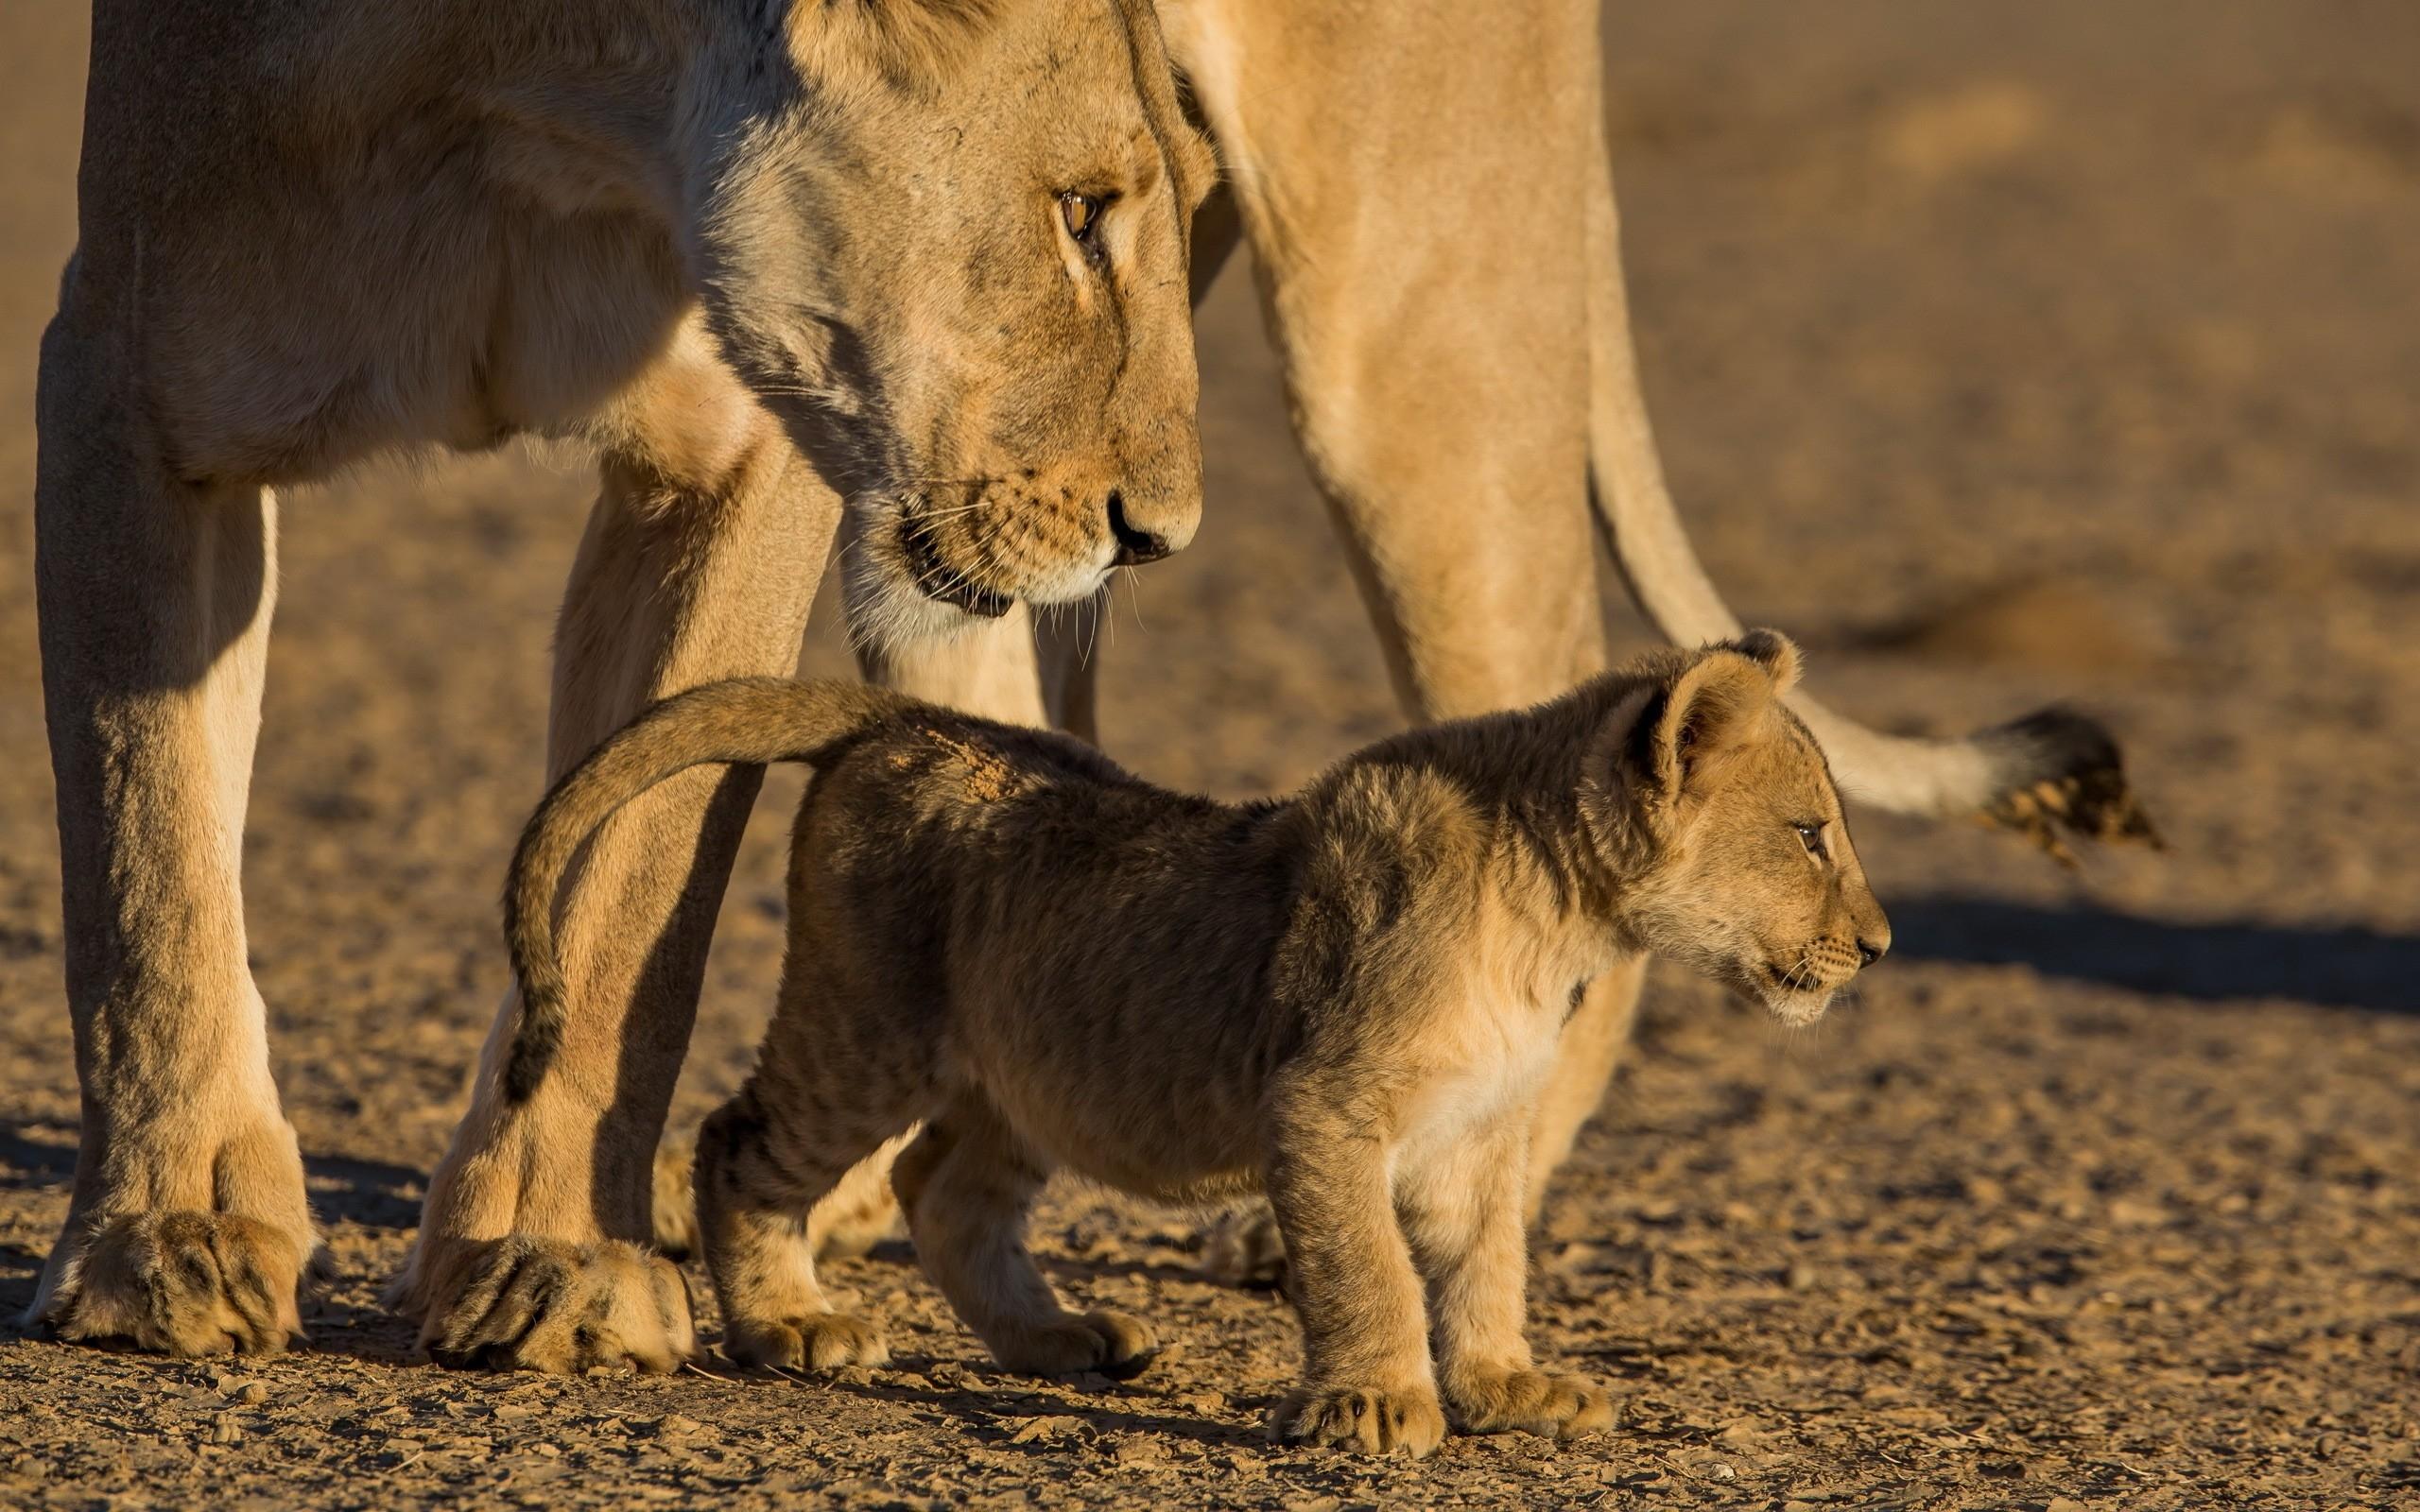 Sfondi leone leonessa cucciolo cura 2560x1600 for Sfondi leone